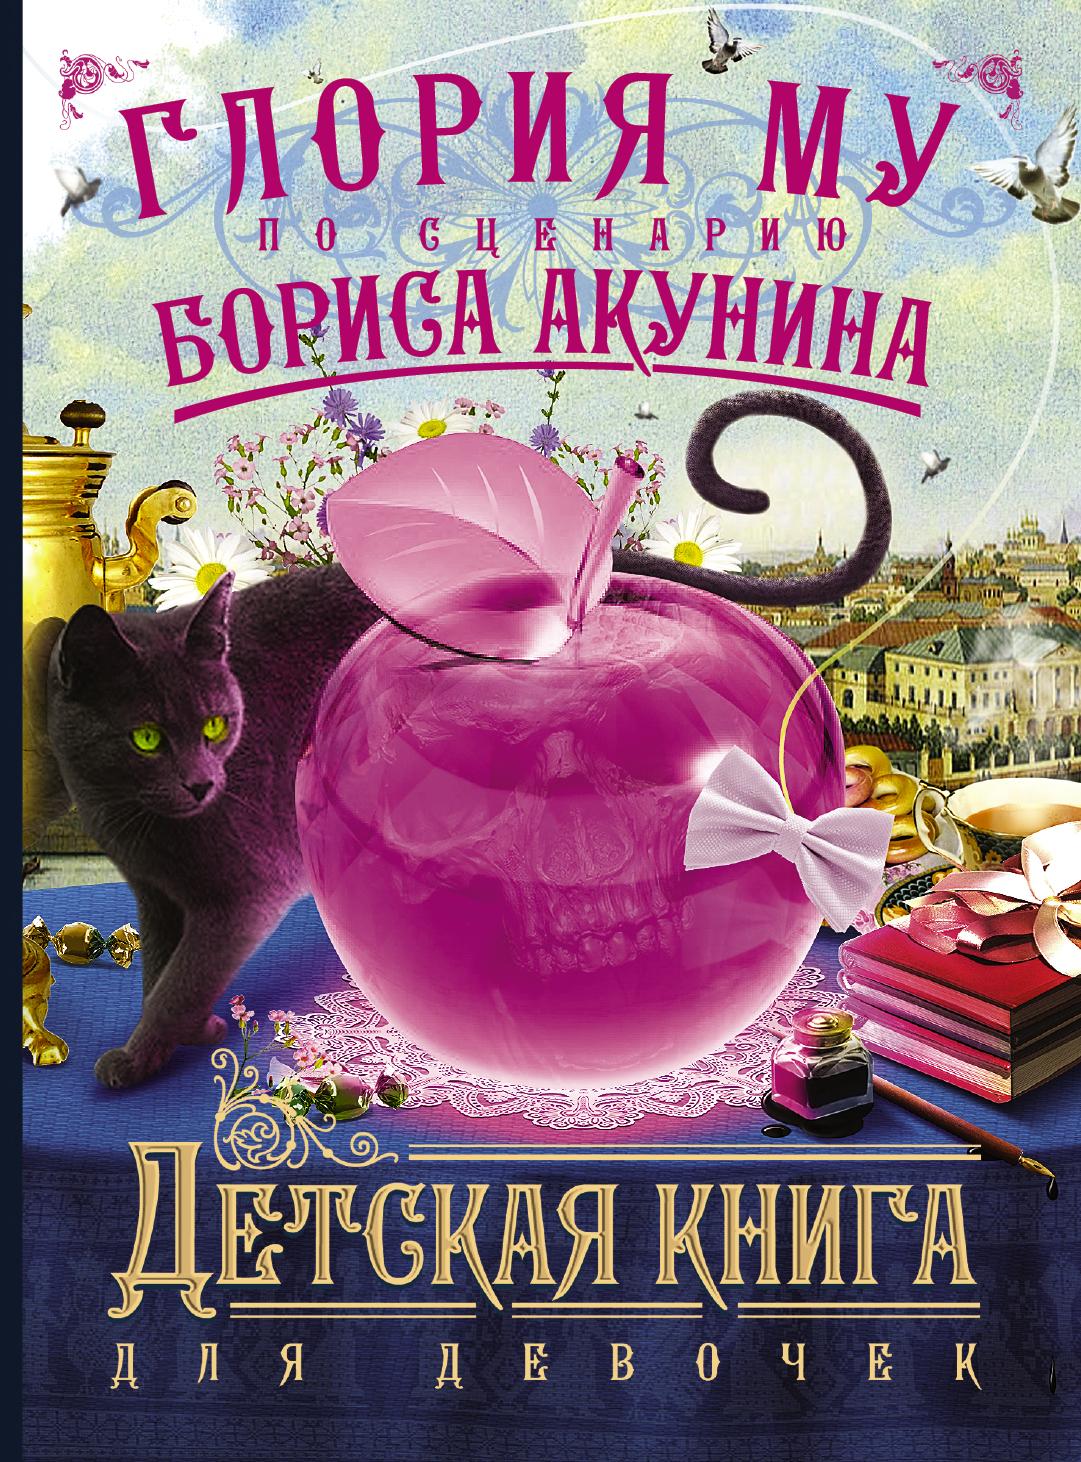 Акунин Б. Детская книга для девочек куплю тренажер б у в барнауле